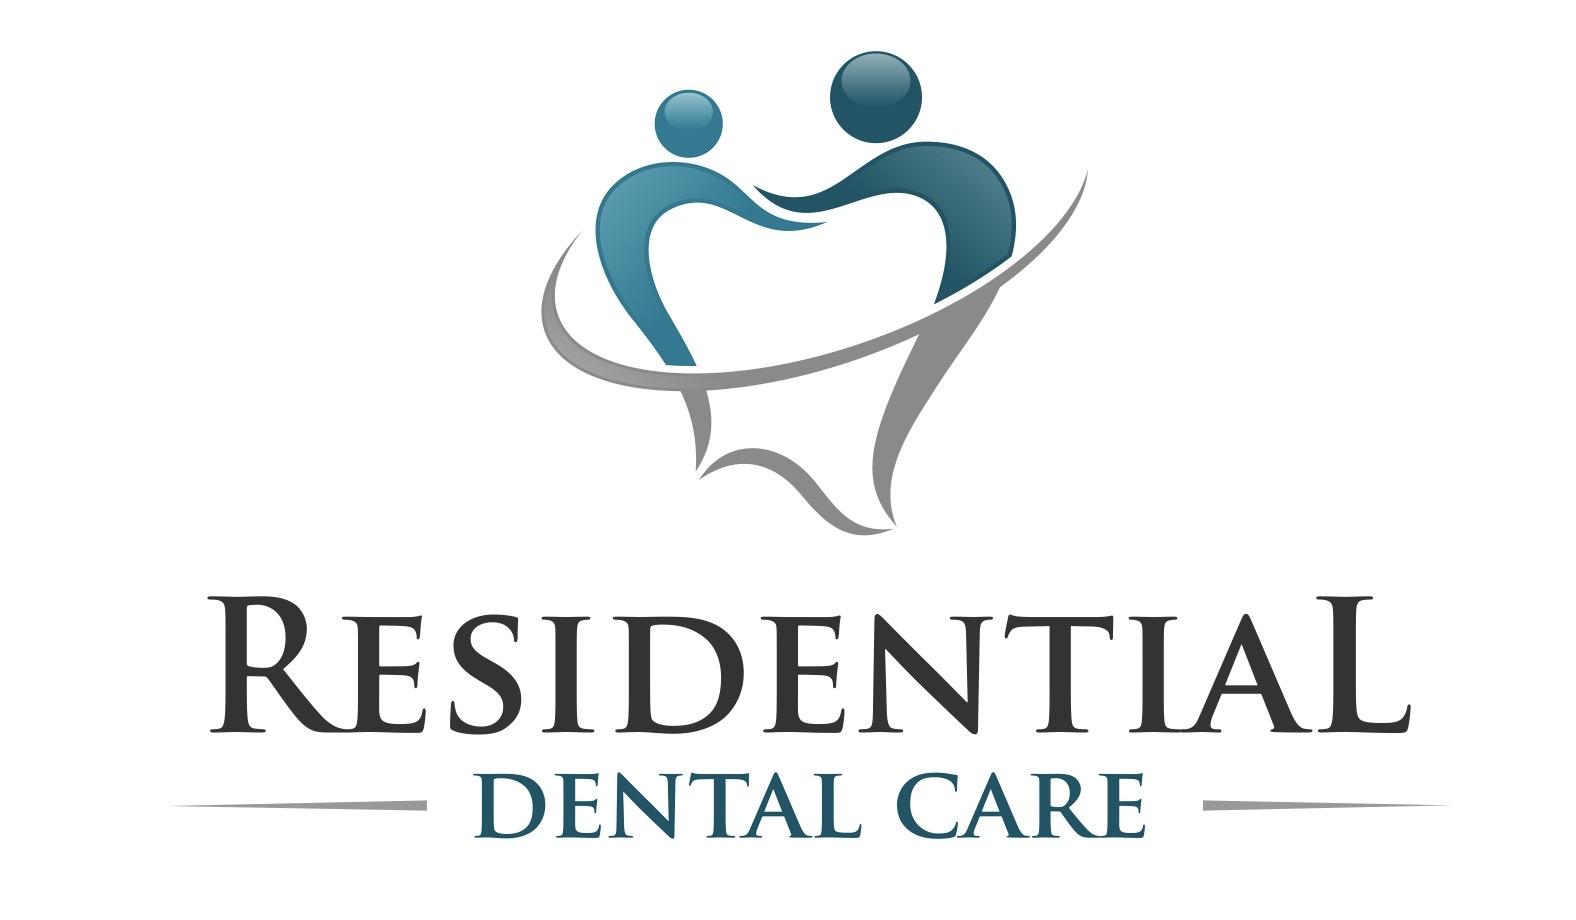 Residential Dental Care